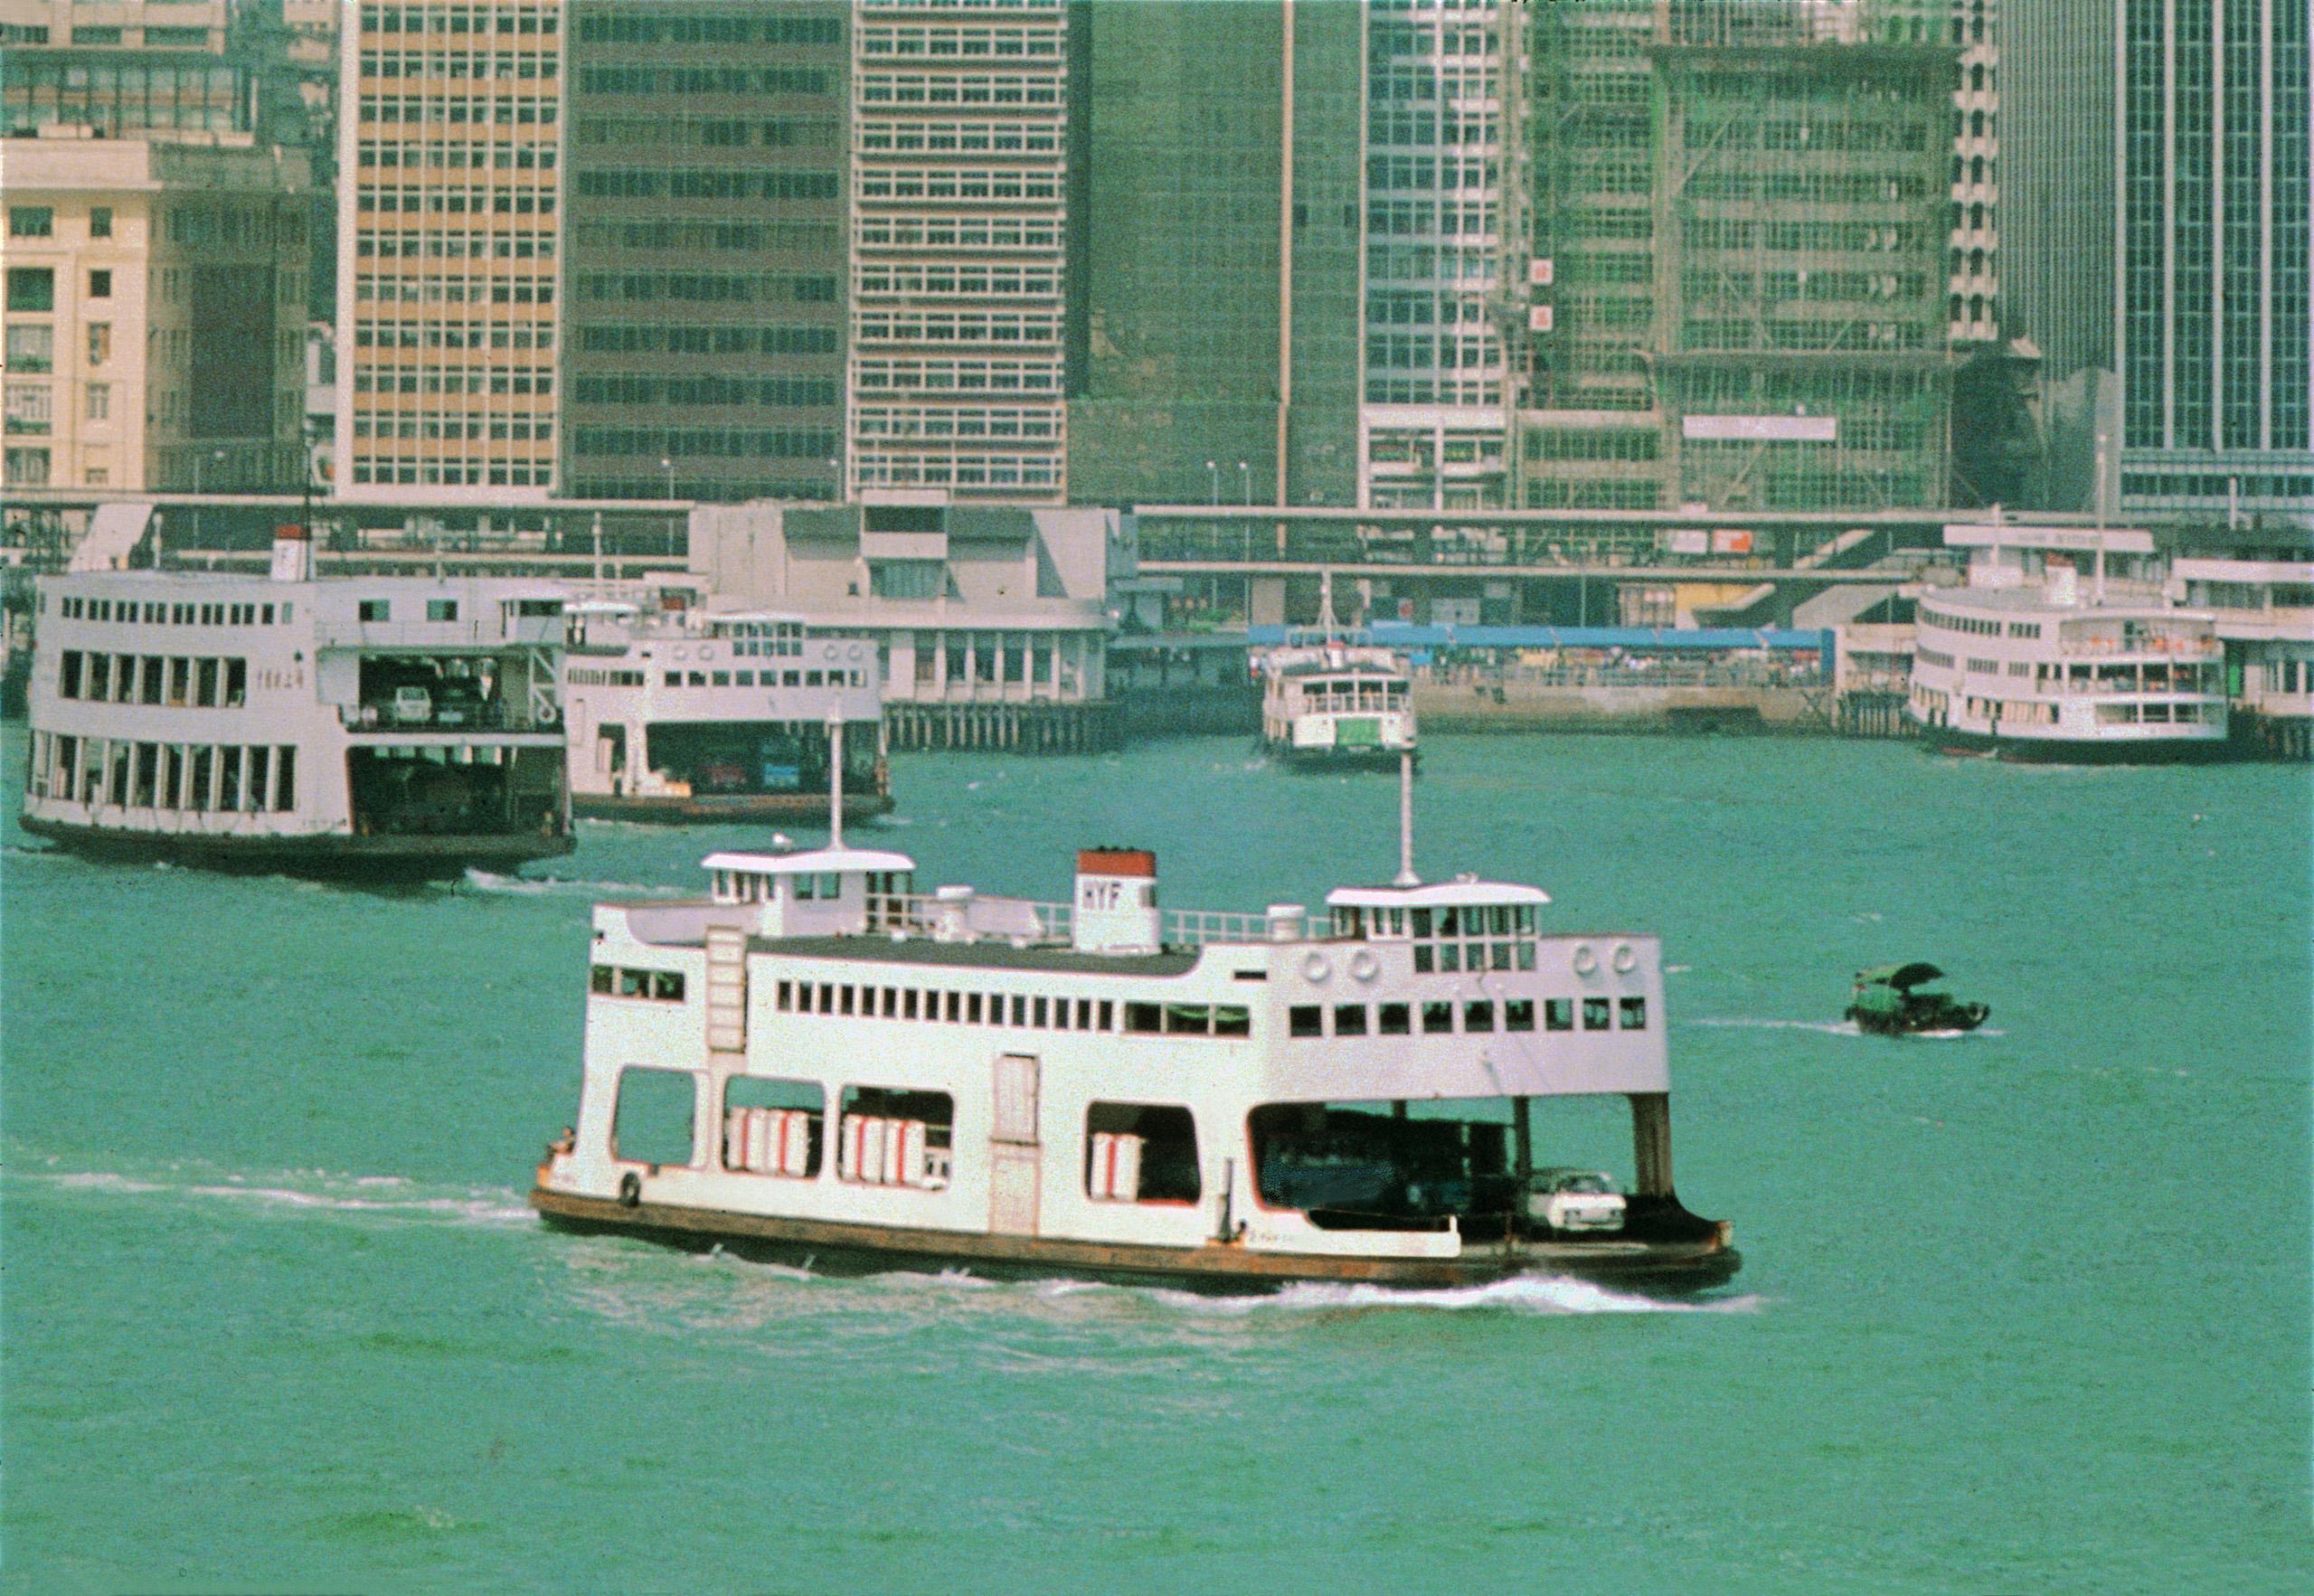 http://ubeat.com.cuhk.edu.hk/wp-content/uploads/2018/139_ferry_07.jpg